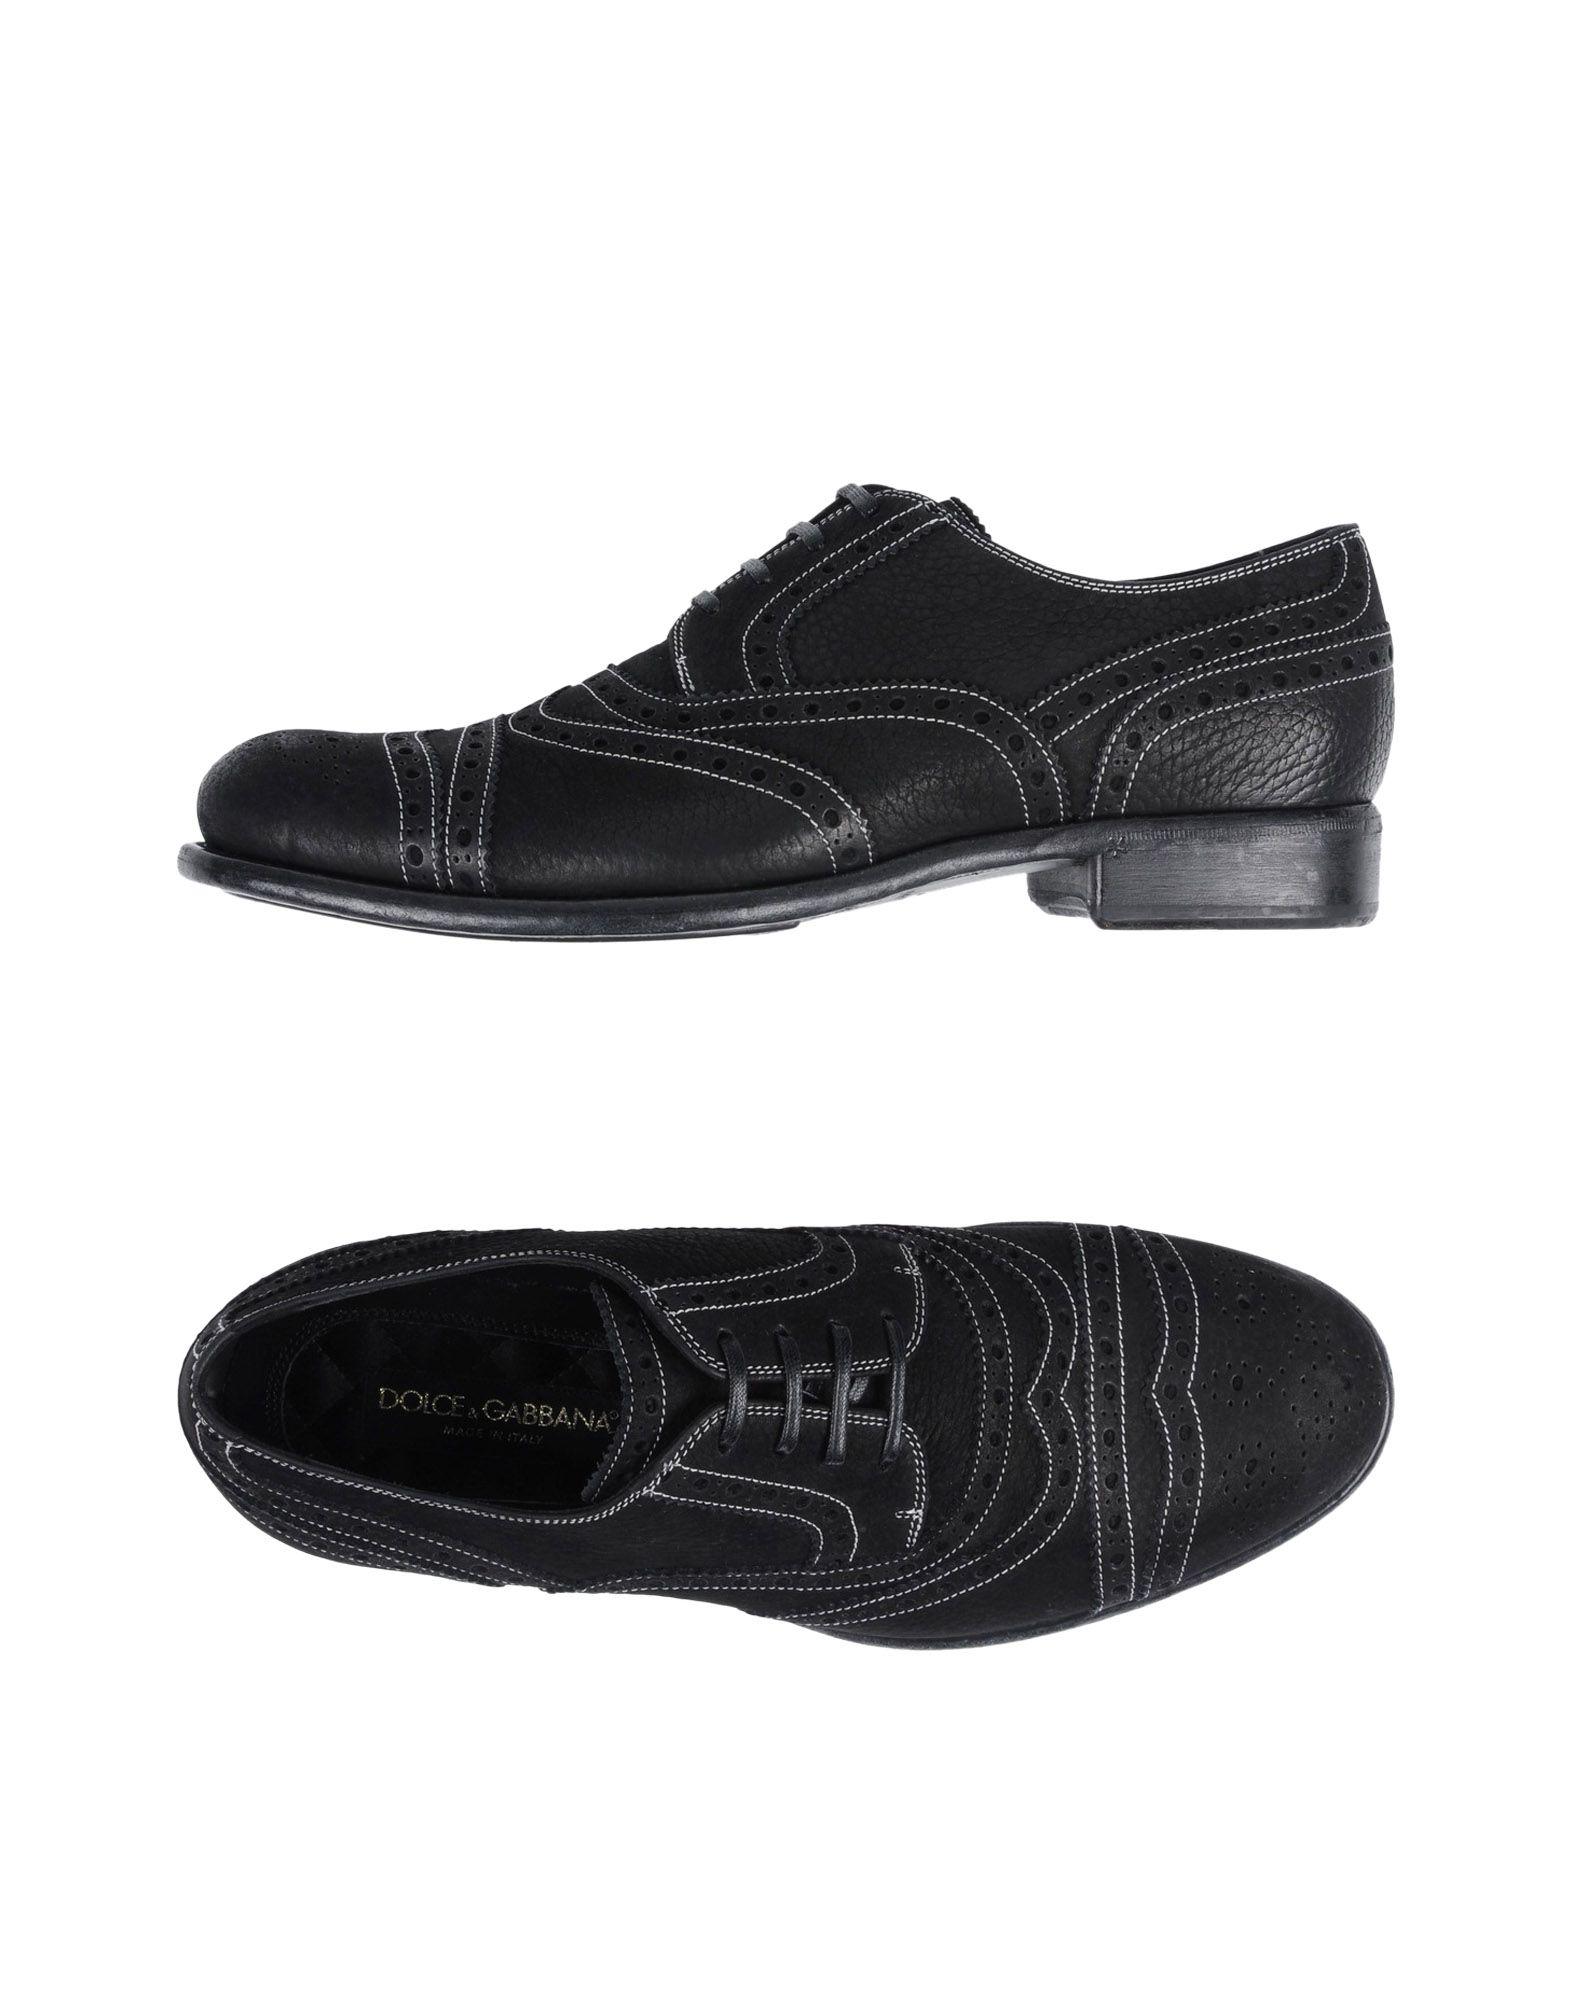 Sneakers 2Star Donna - 11339279XX Scarpe economiche e buone